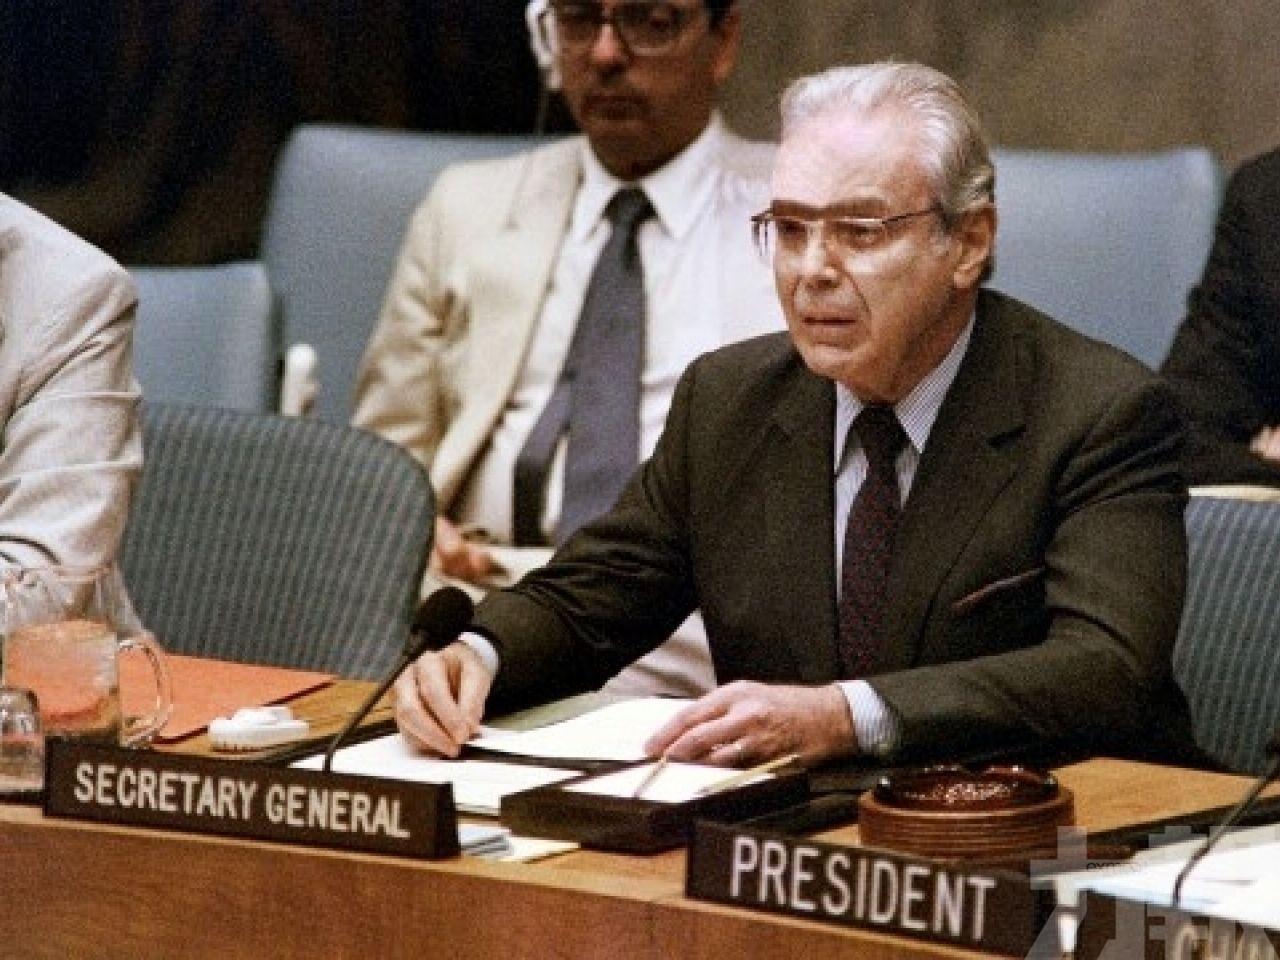 聯合國前任秘書長德奎利亞爾逝世